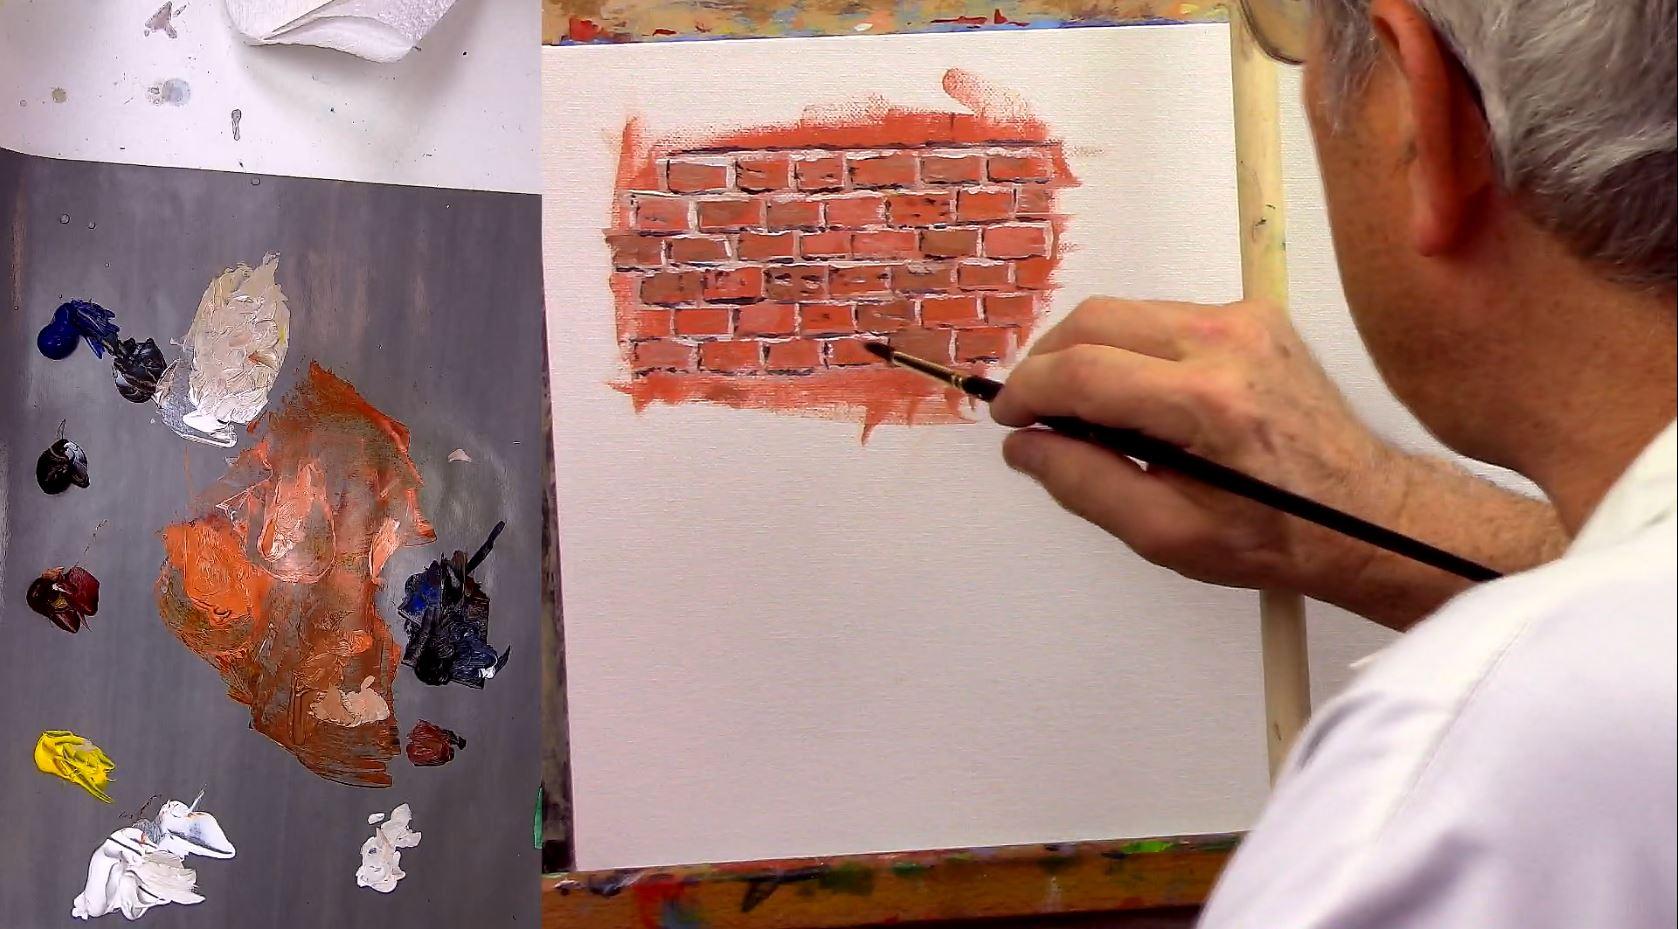 Peindre Un Mur De Brique comment peindre impressionniste ?